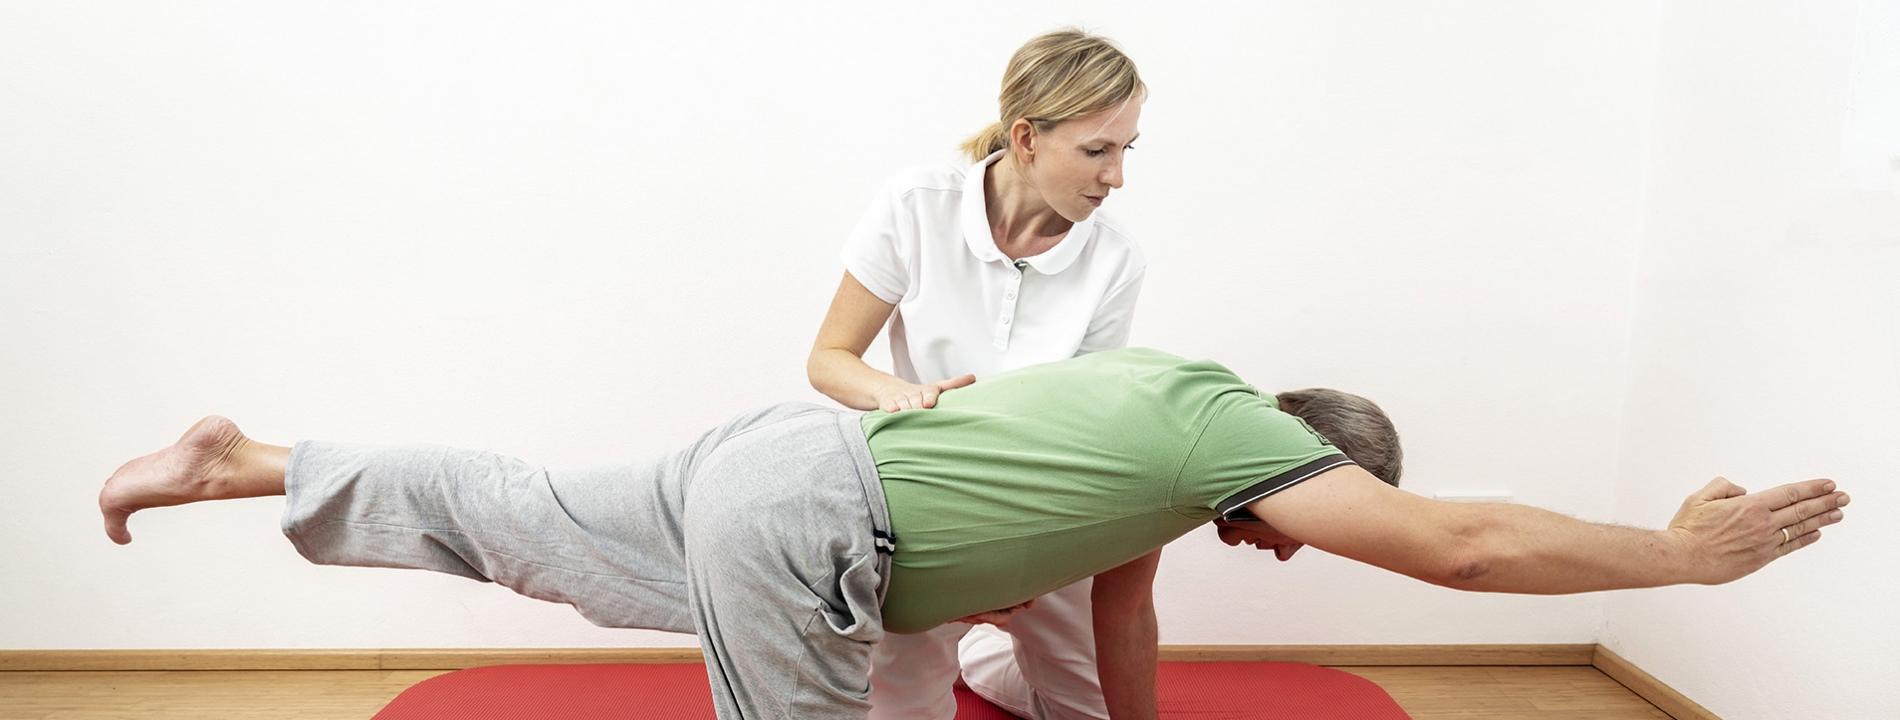 Physiotherapie 1050 Wien  - Stefanie Huber